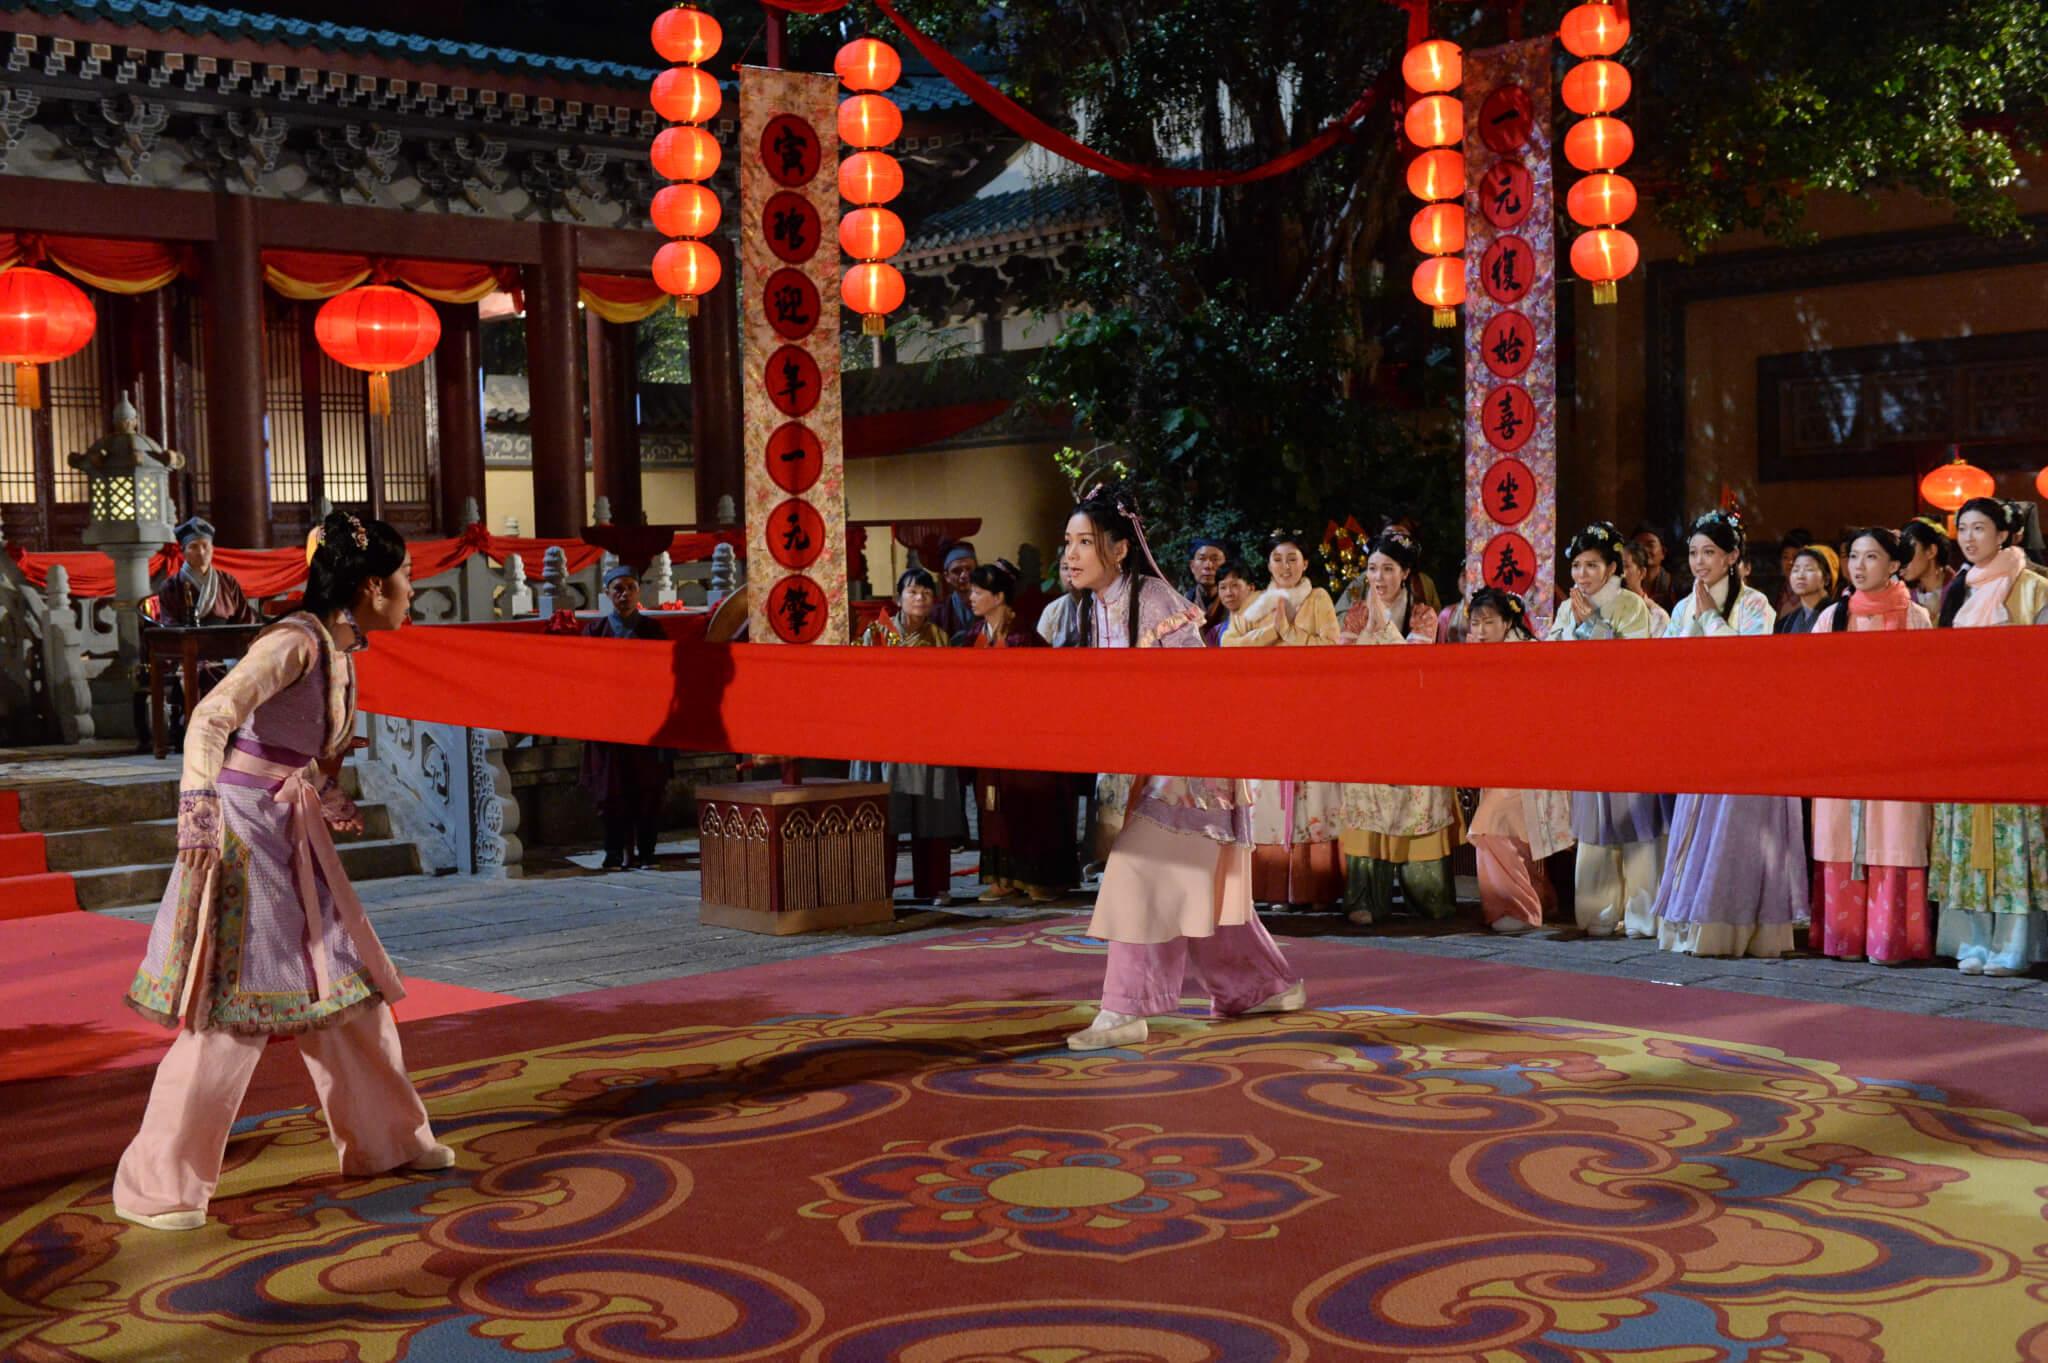 劇中她與黃心穎在花燈大會玩不同的競技遊戲,即場需由武指教導踢腿。